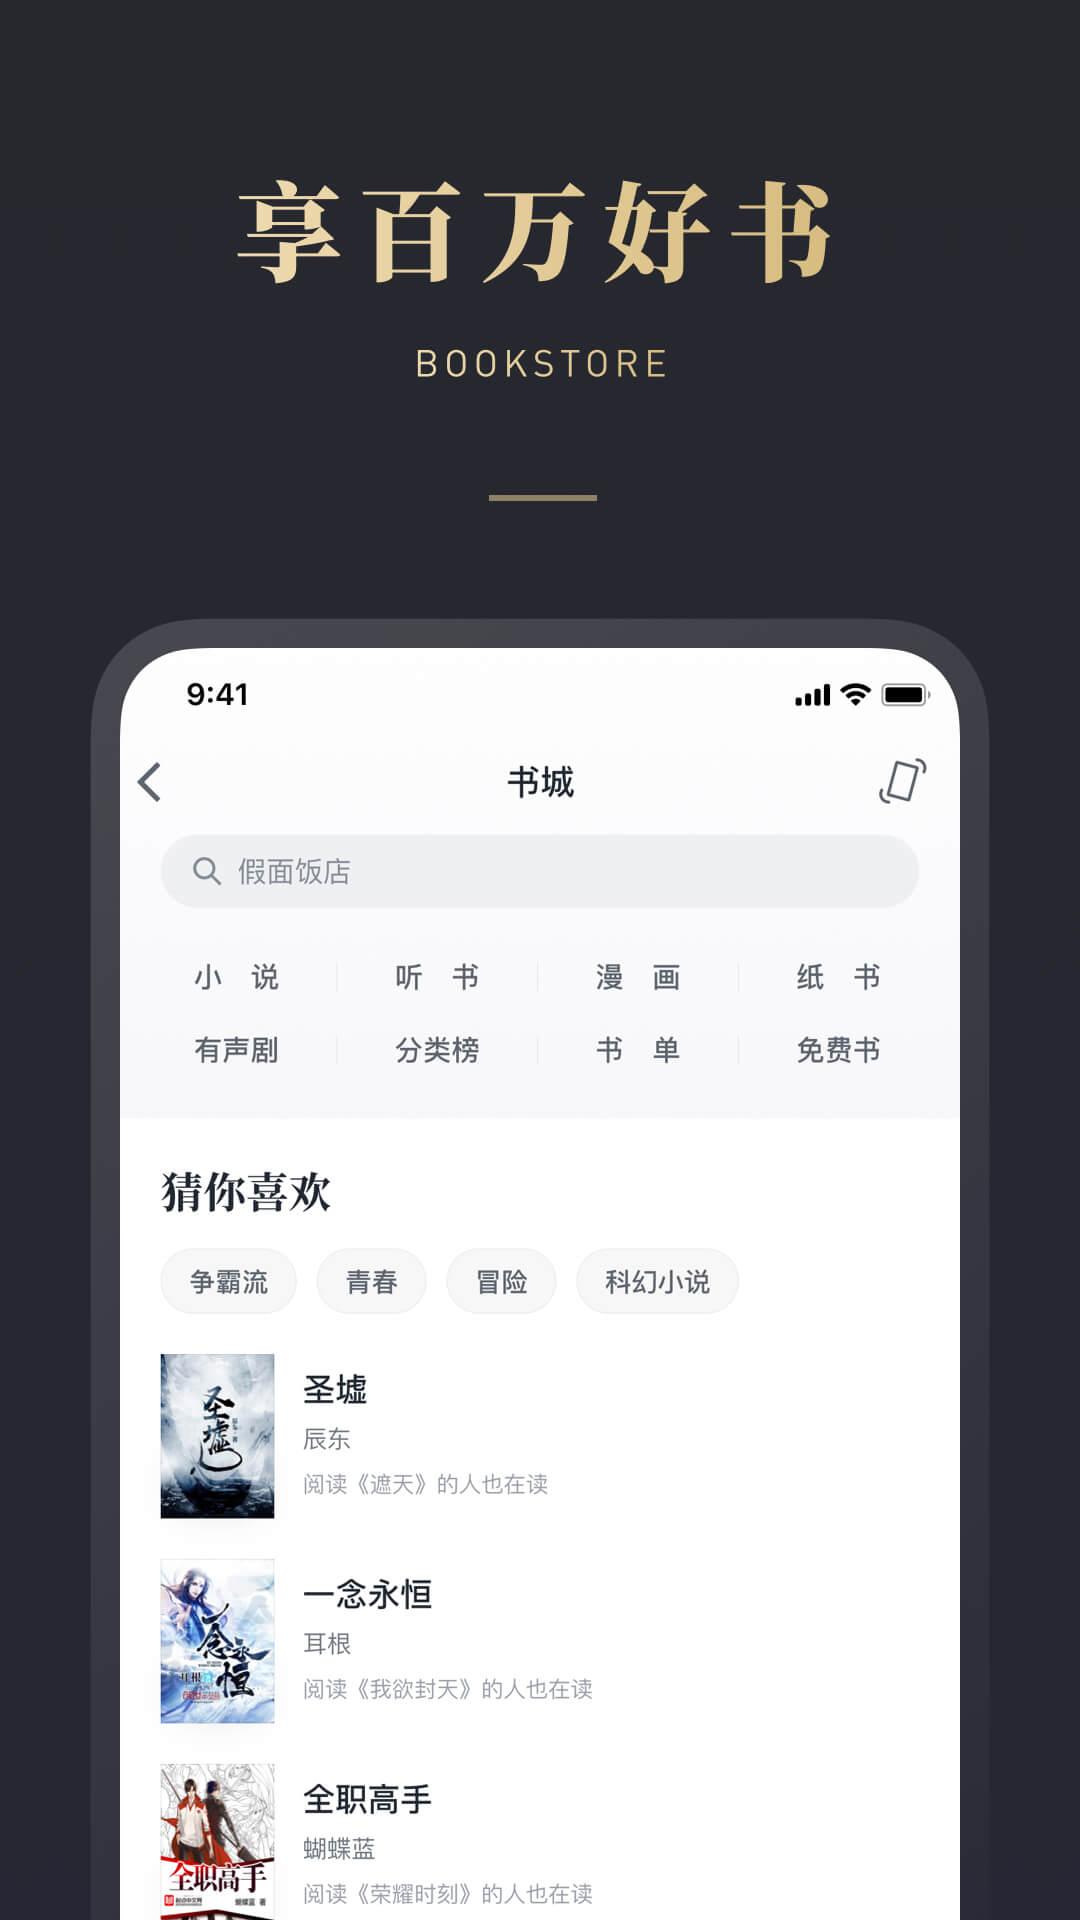 微信读书手机版下载-微信读书App-微信读书安卓版/苹果版/电脑版-飞翔软件库